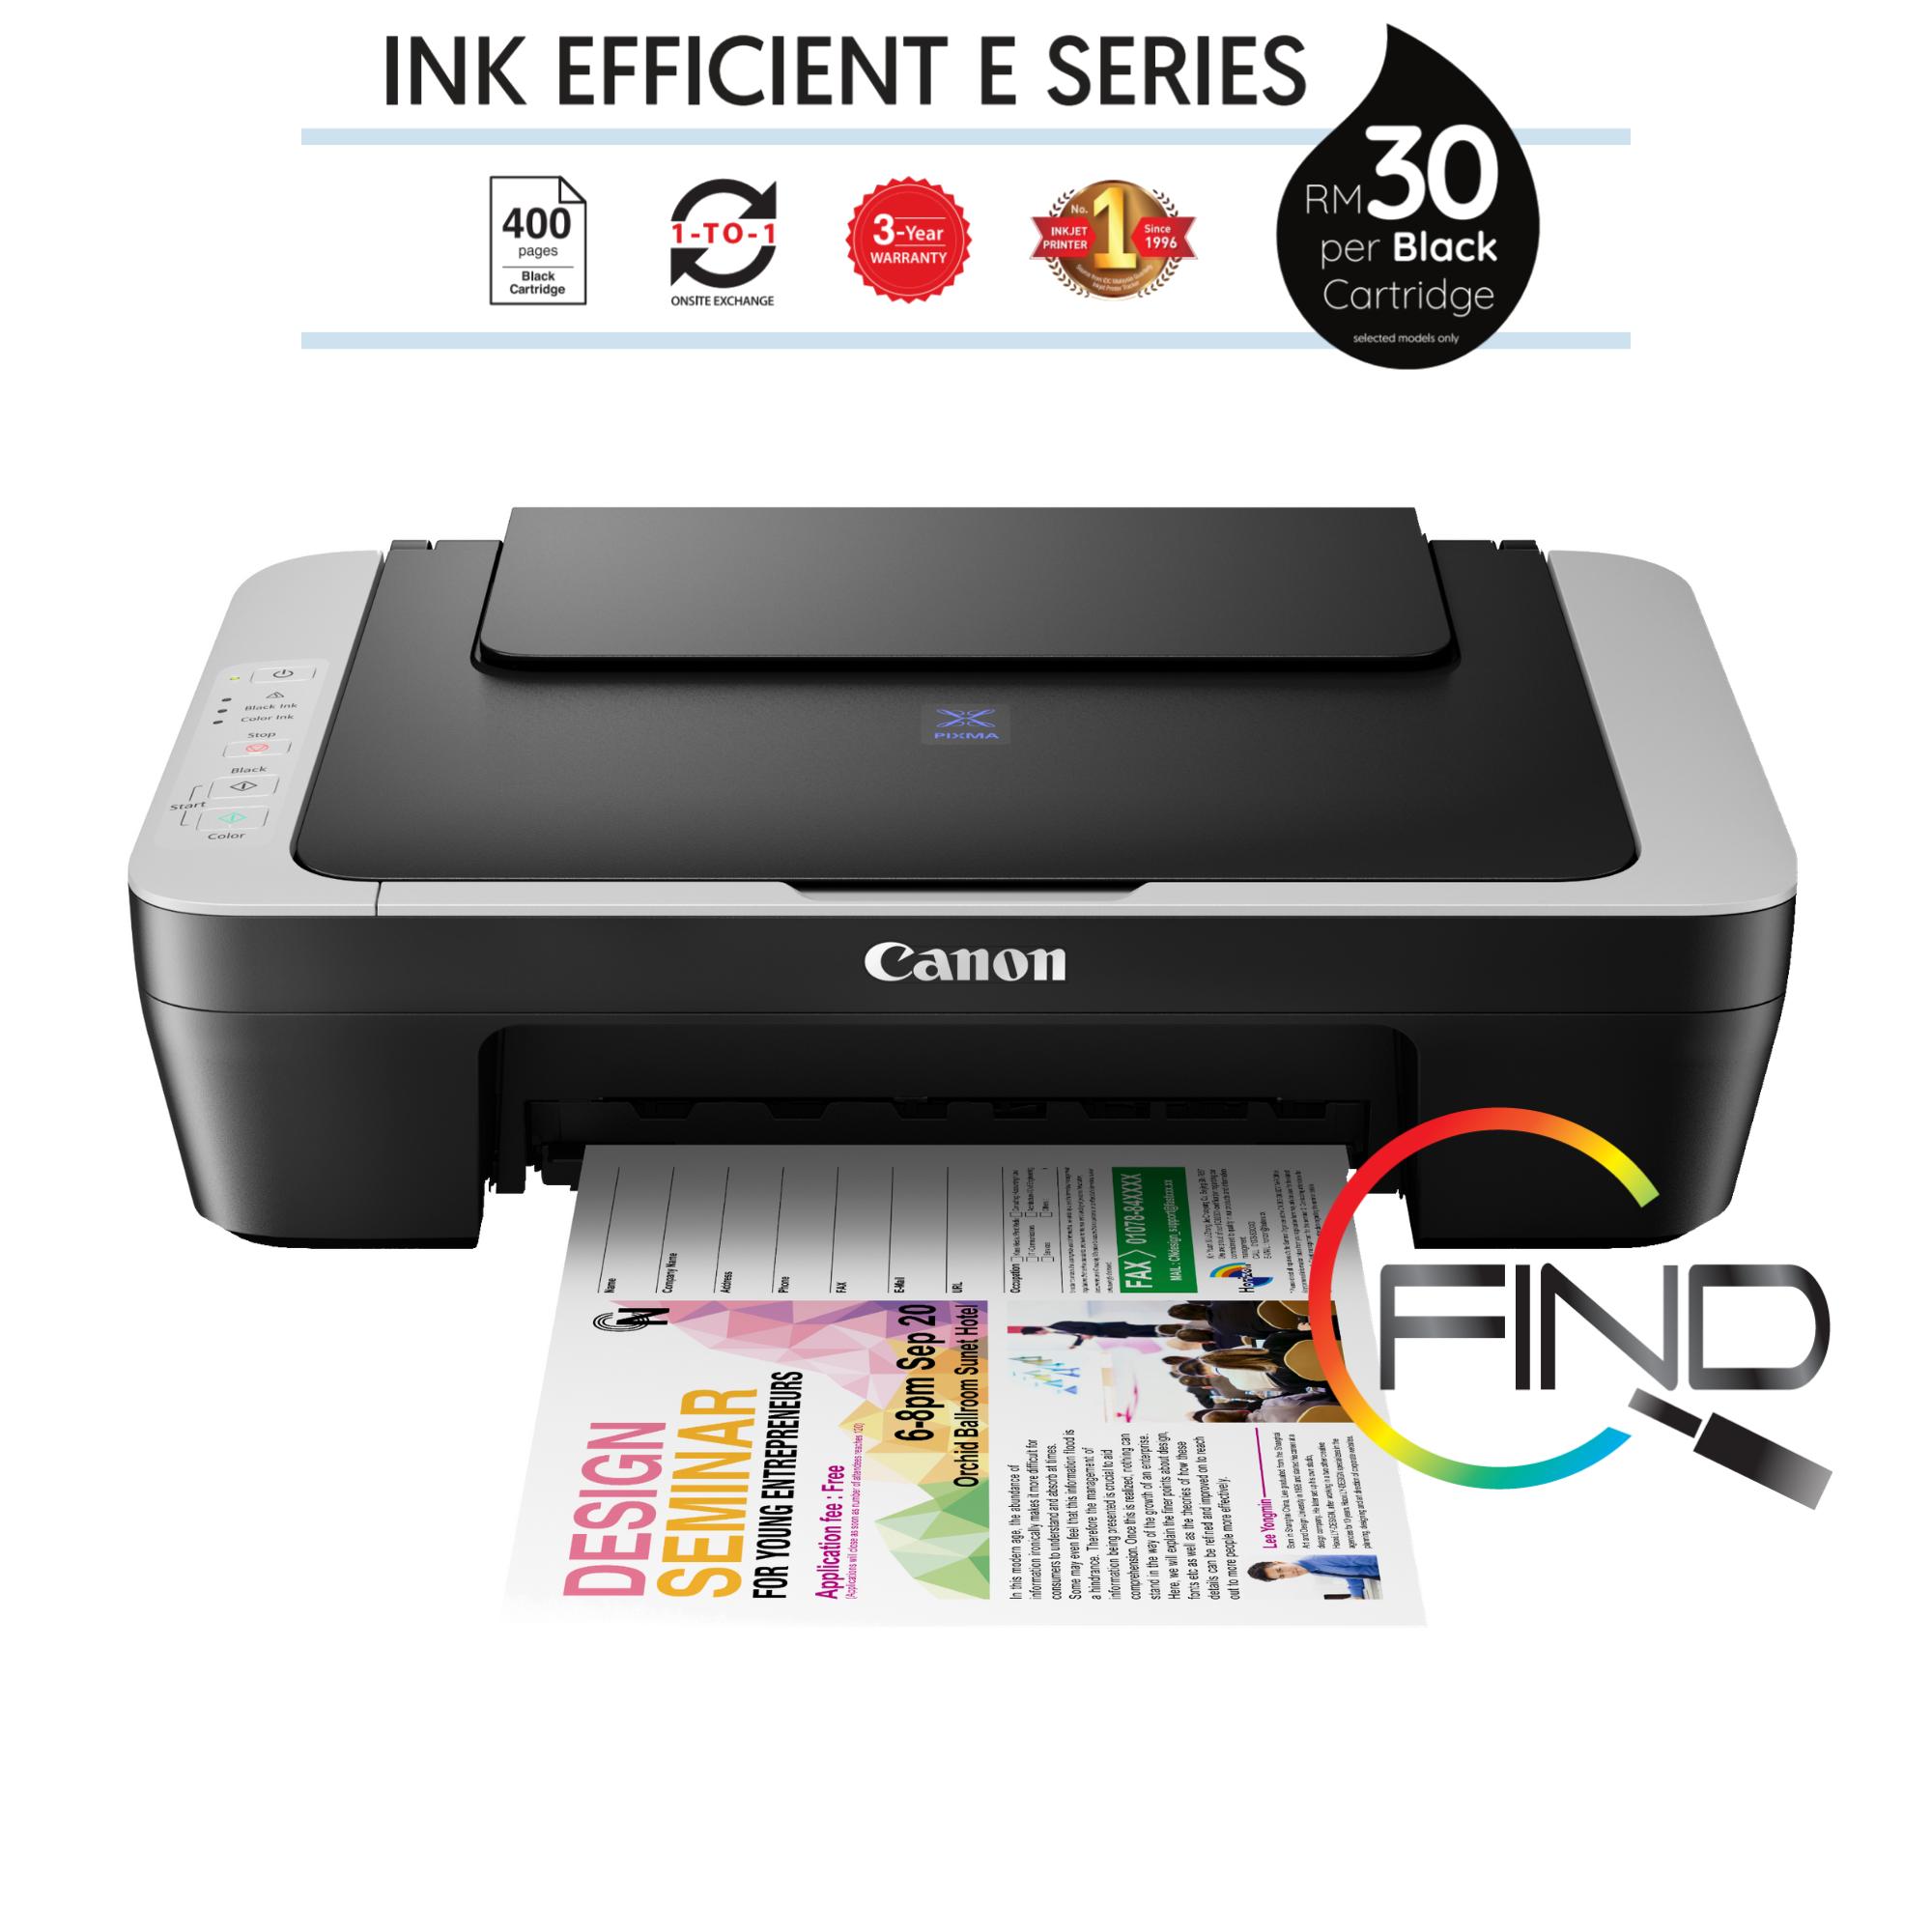 CANON PIXMA E410 (Black-Grey) AIO Ink Effeccient Printer - Print, Scan, Copy (FINDC)